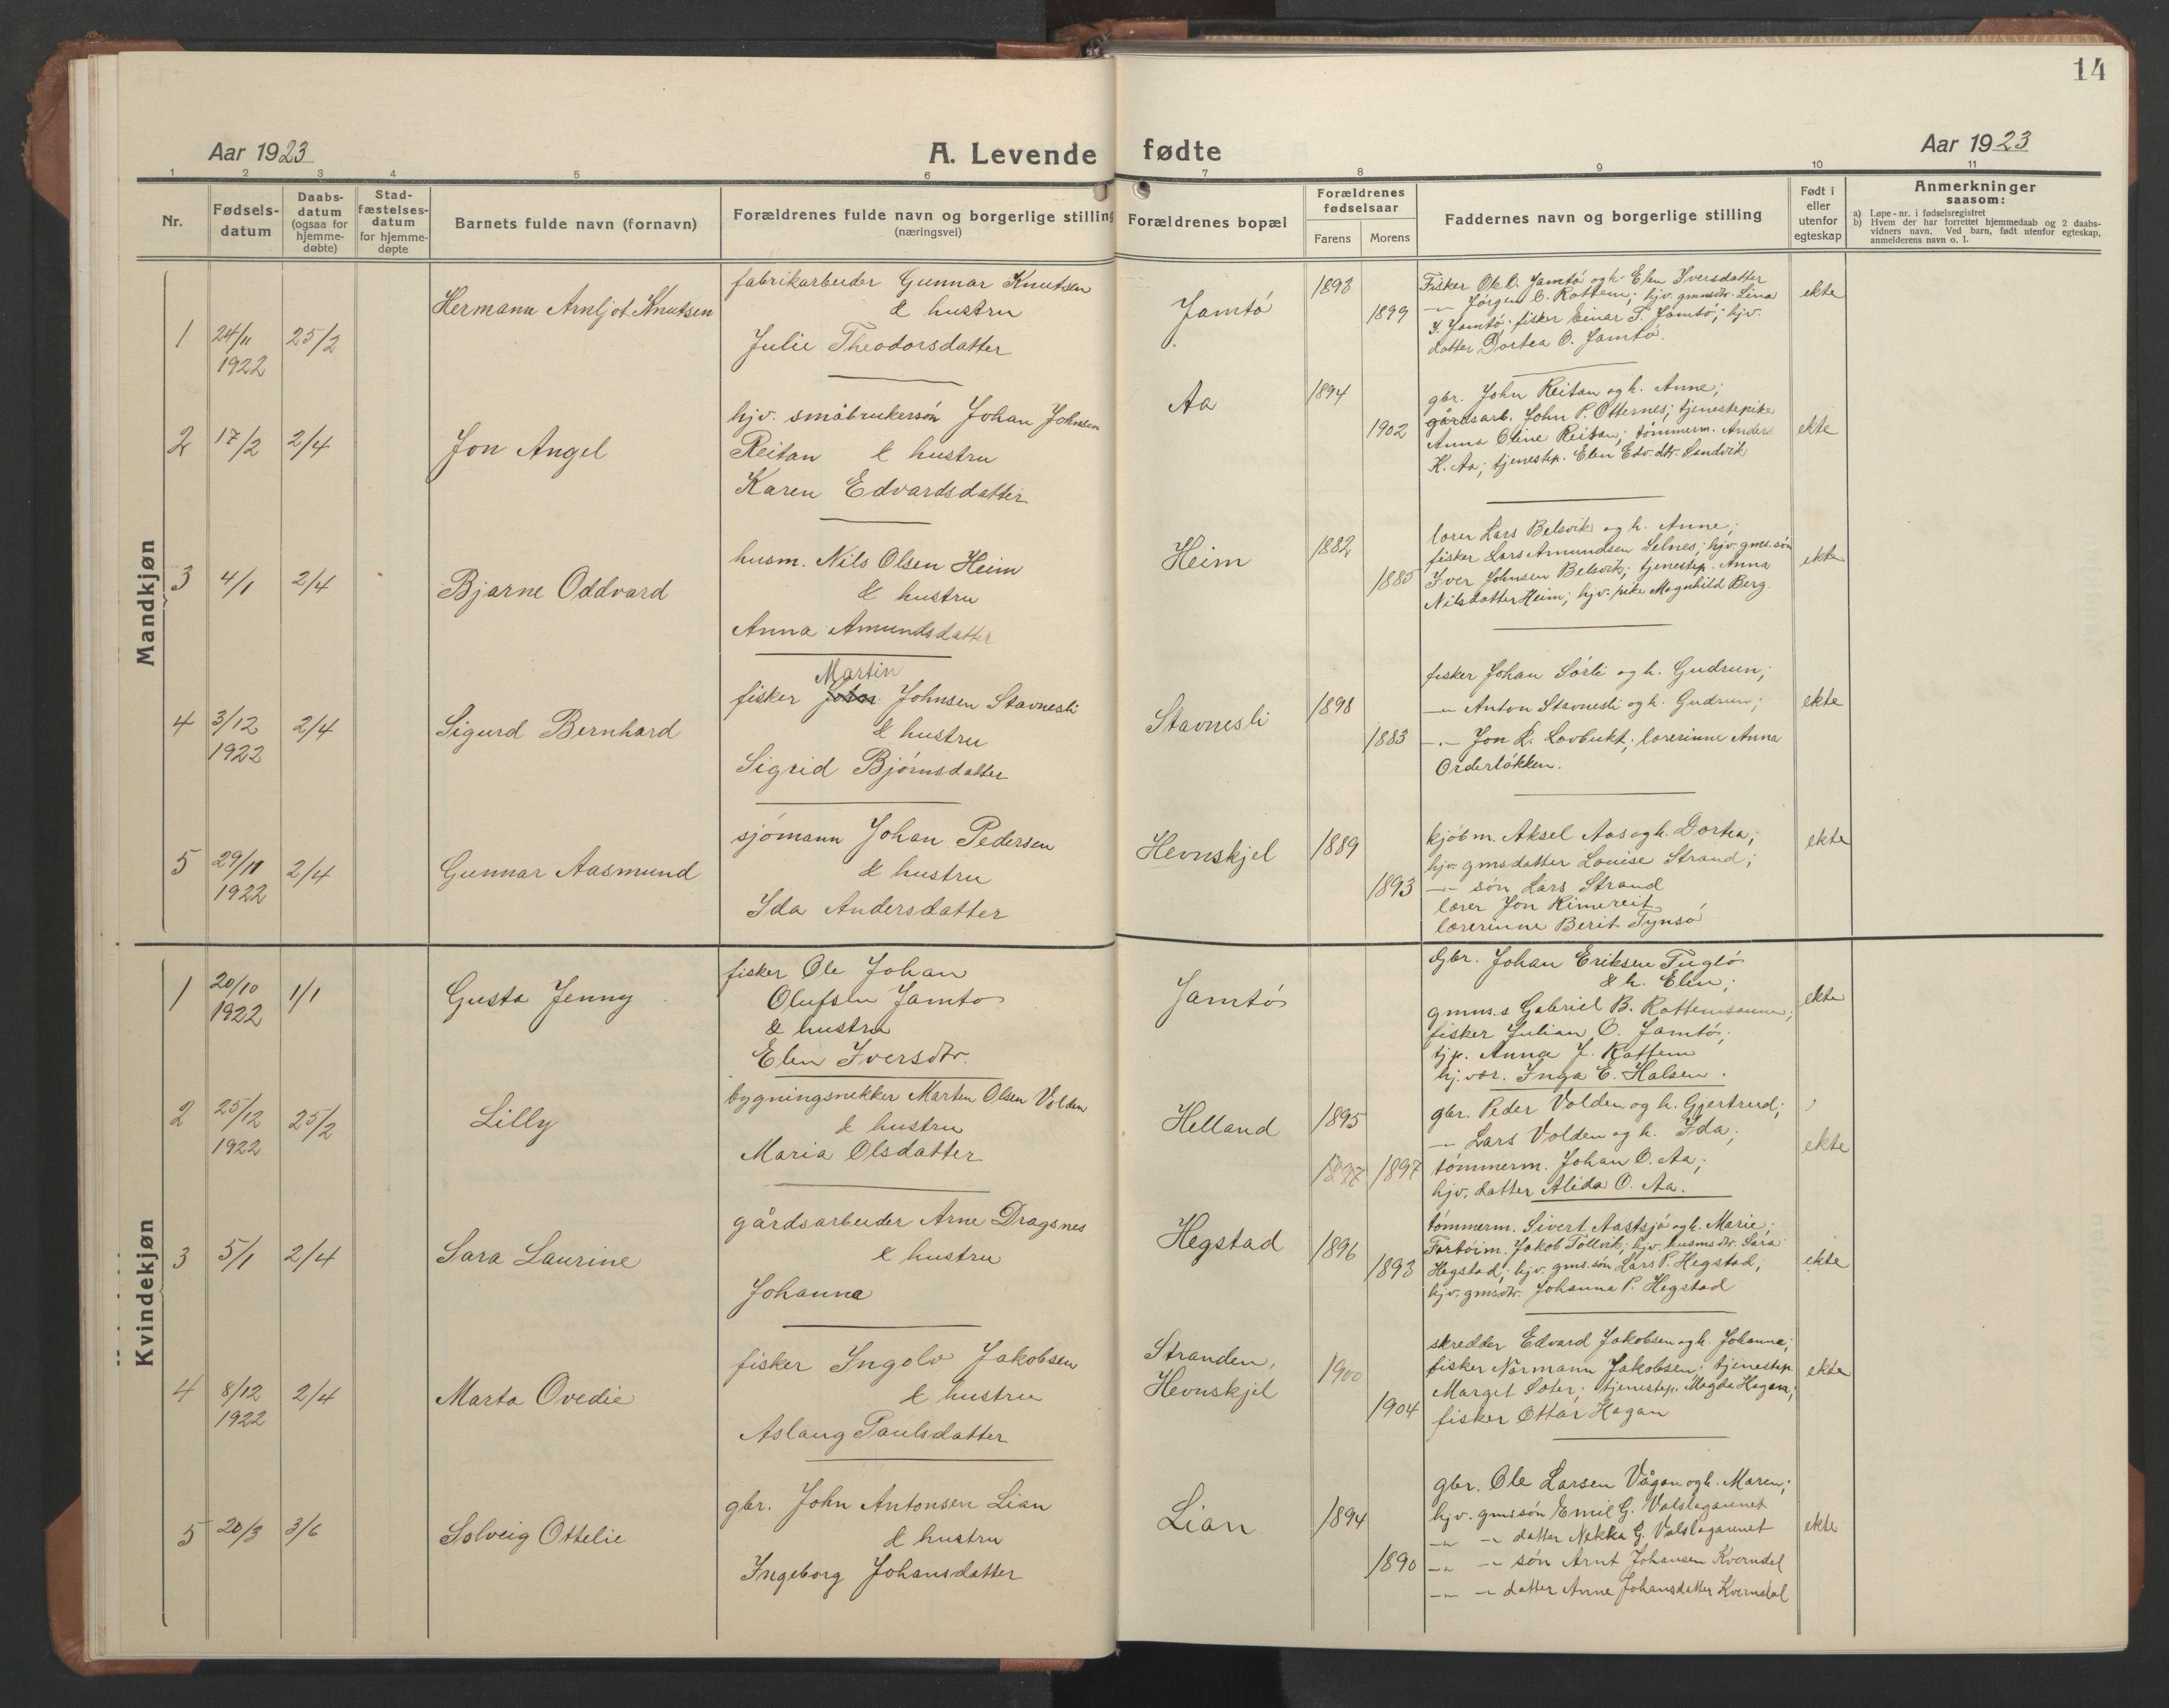 SAT, Ministerialprotokoller, klokkerbøker og fødselsregistre - Sør-Trøndelag, 633/L0521: Klokkerbok nr. 633C03, 1921-1941, s. 14